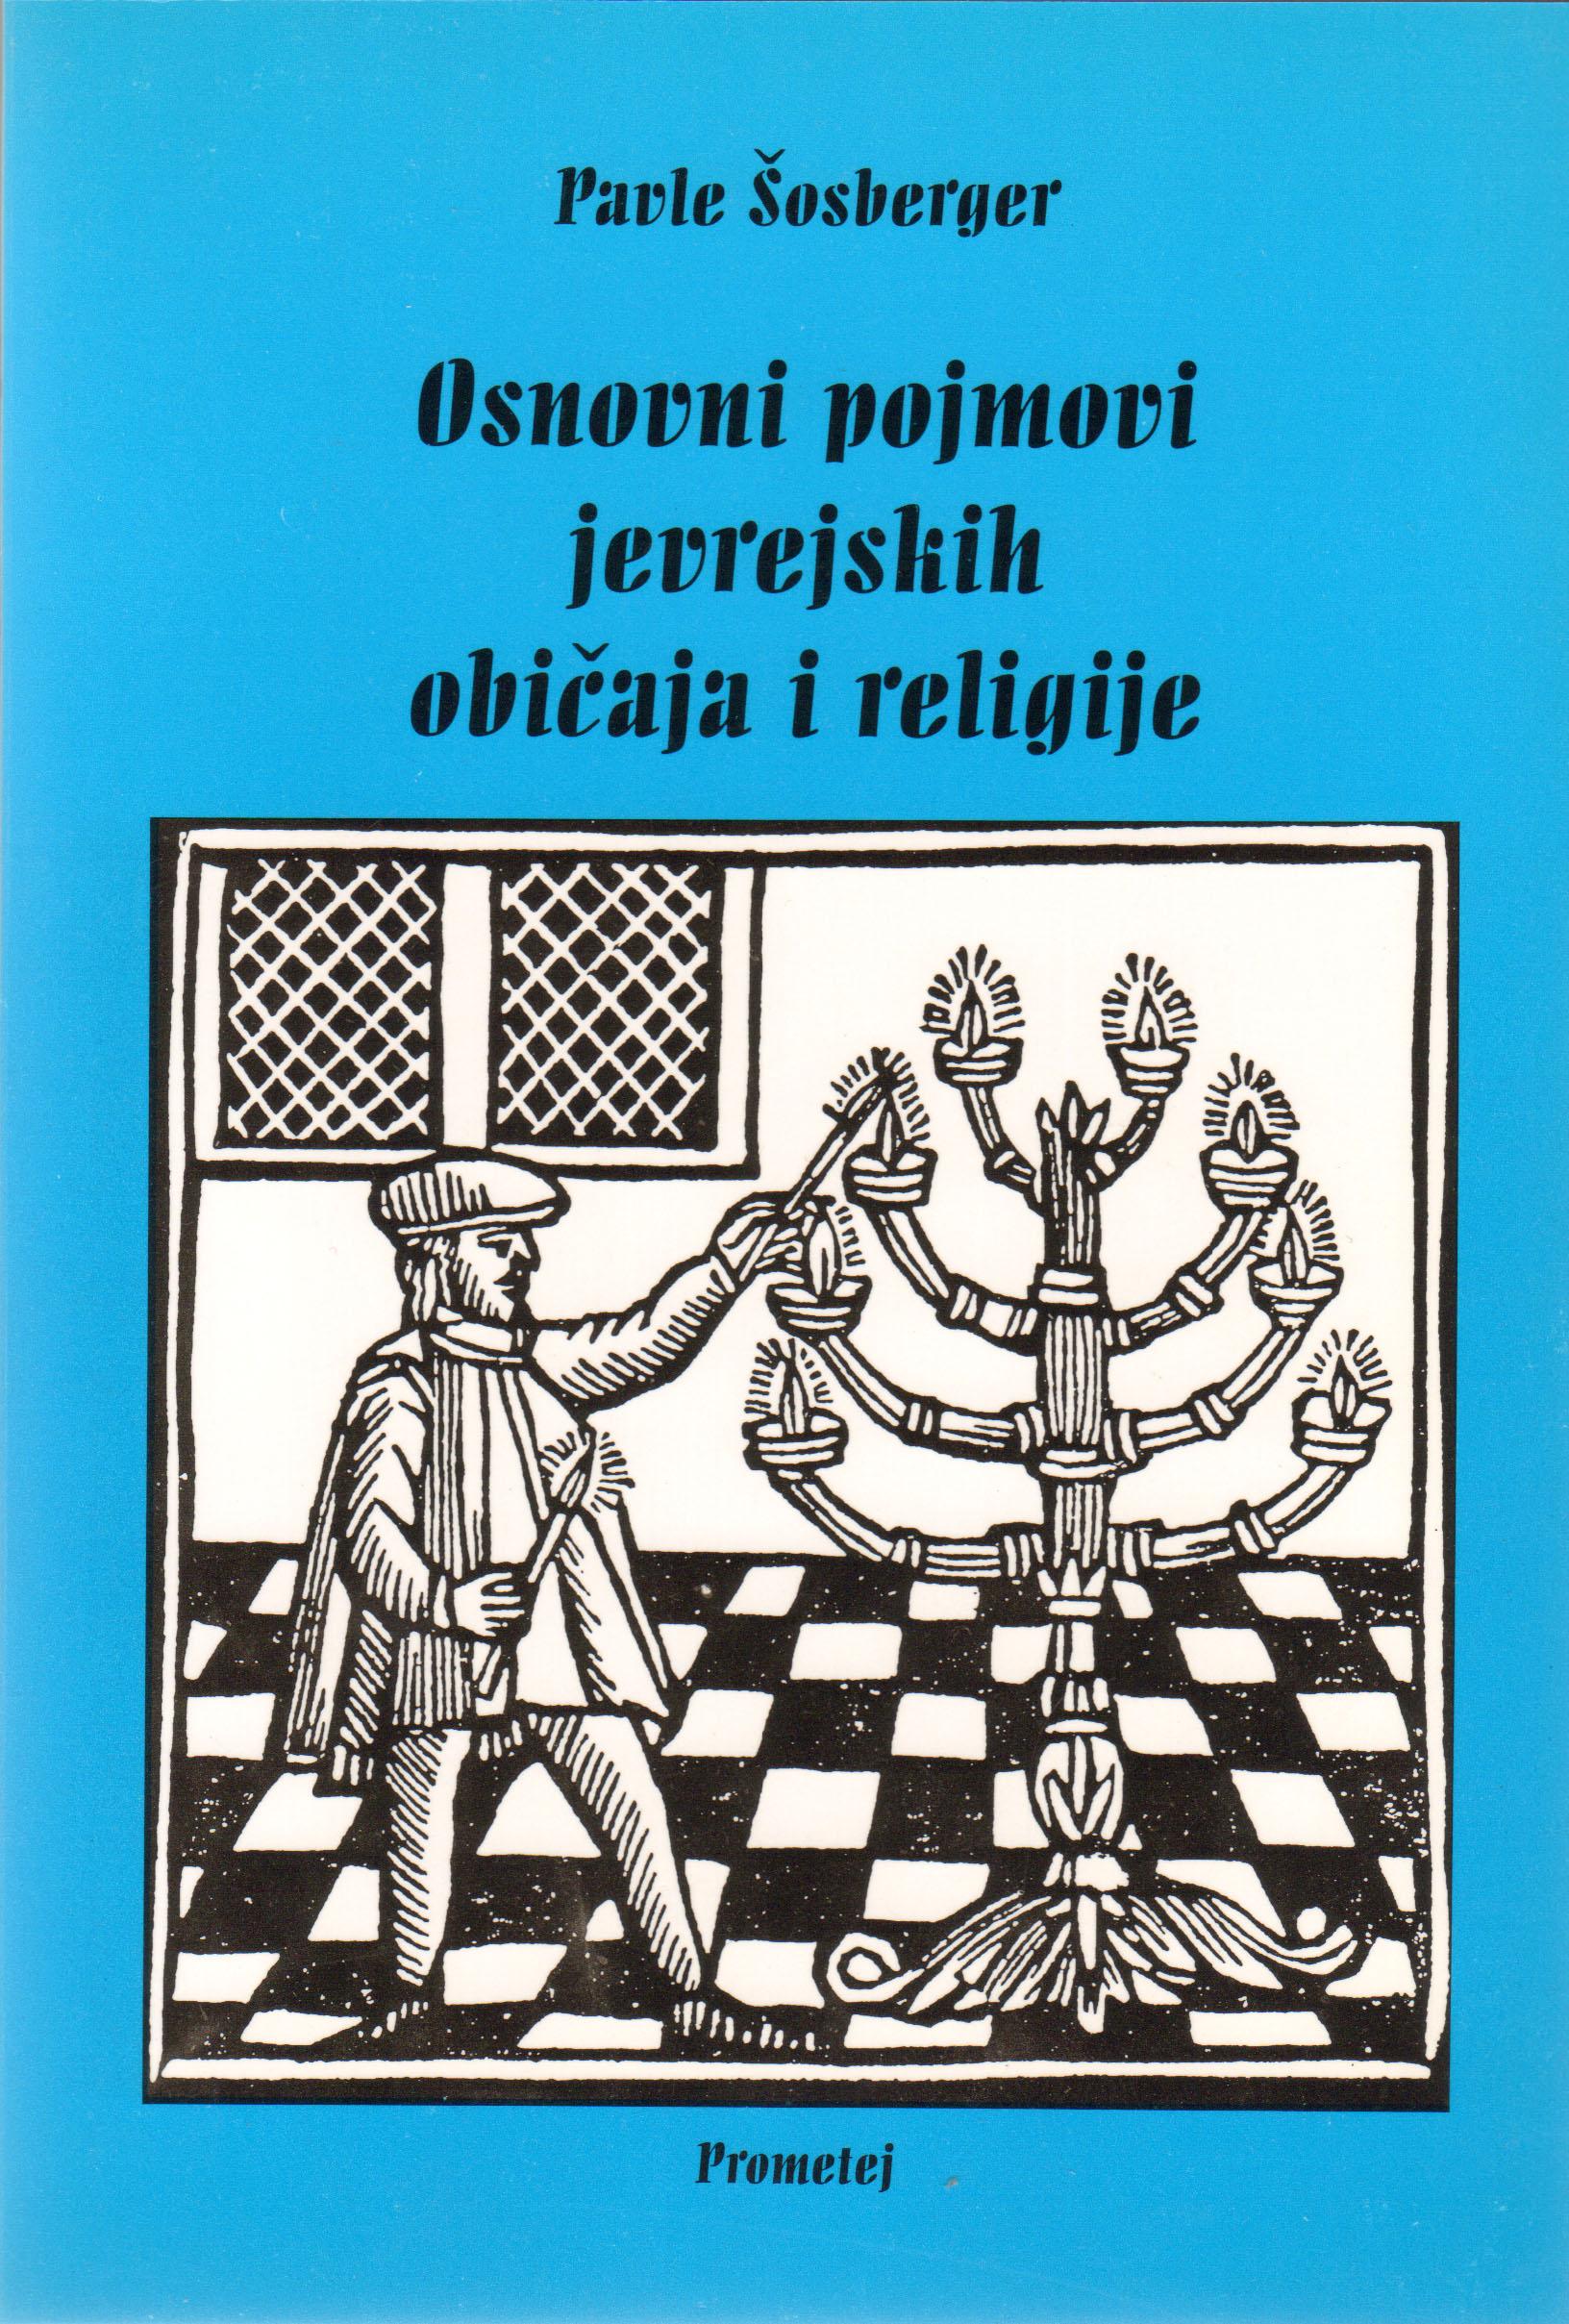 Osnovni pojmovi jevrejskih običaja i religije